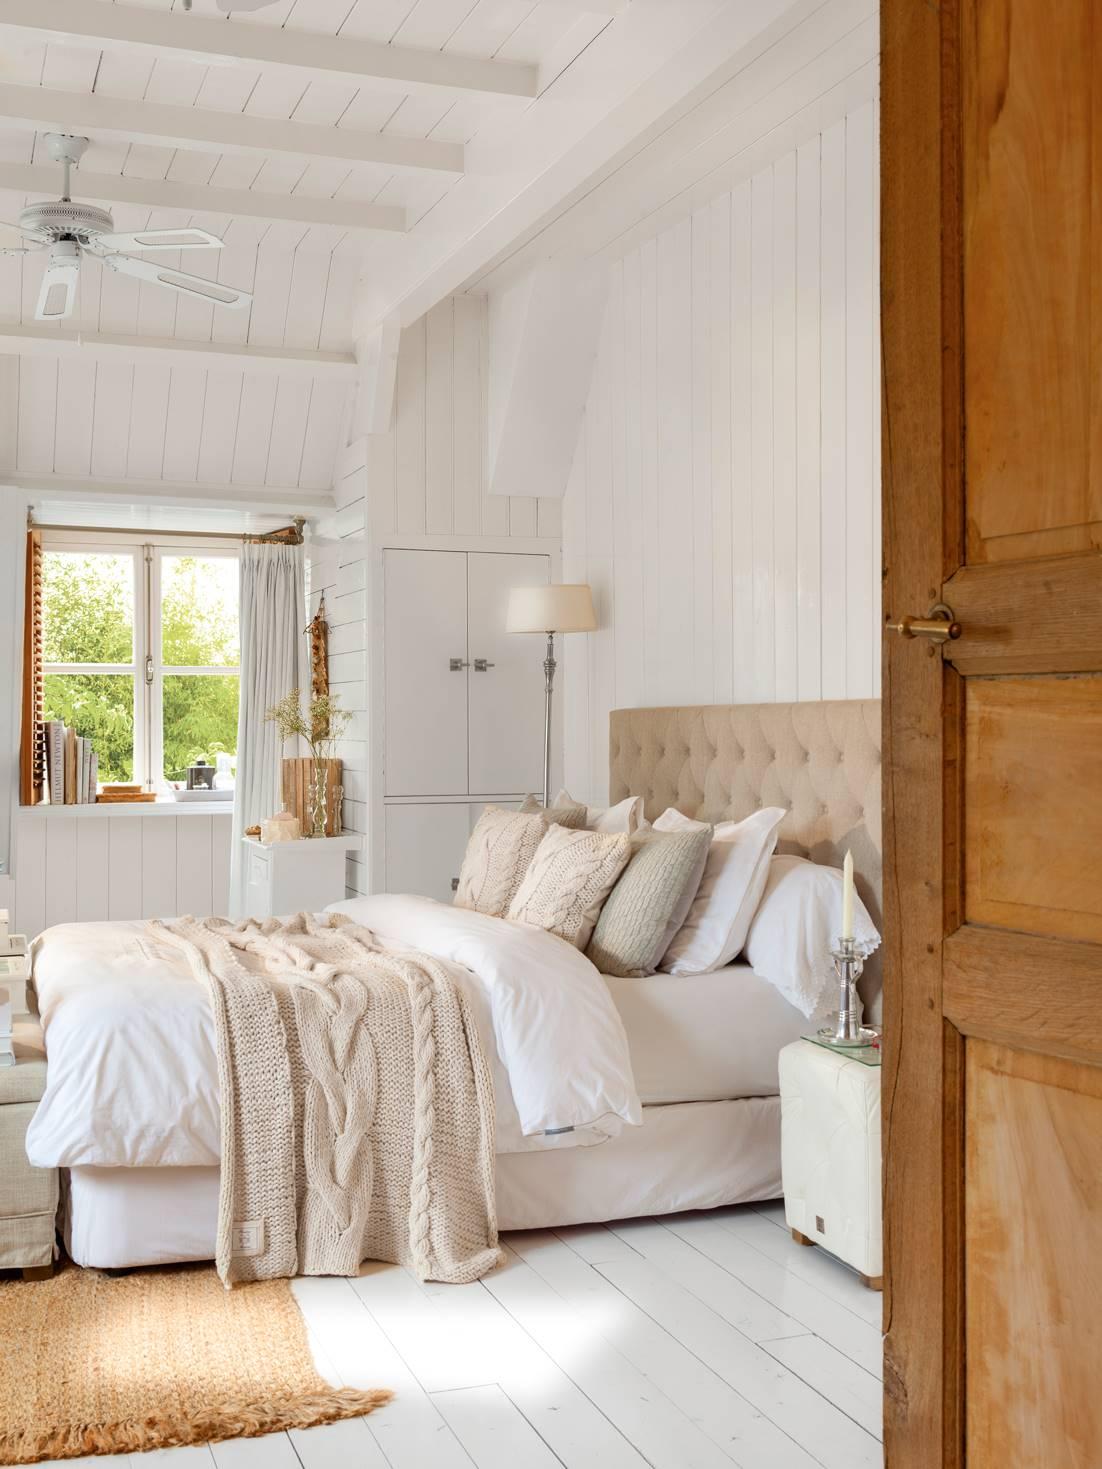 Dormitorio con vigas blancas y ventilador cabecero en tonos beige_408203